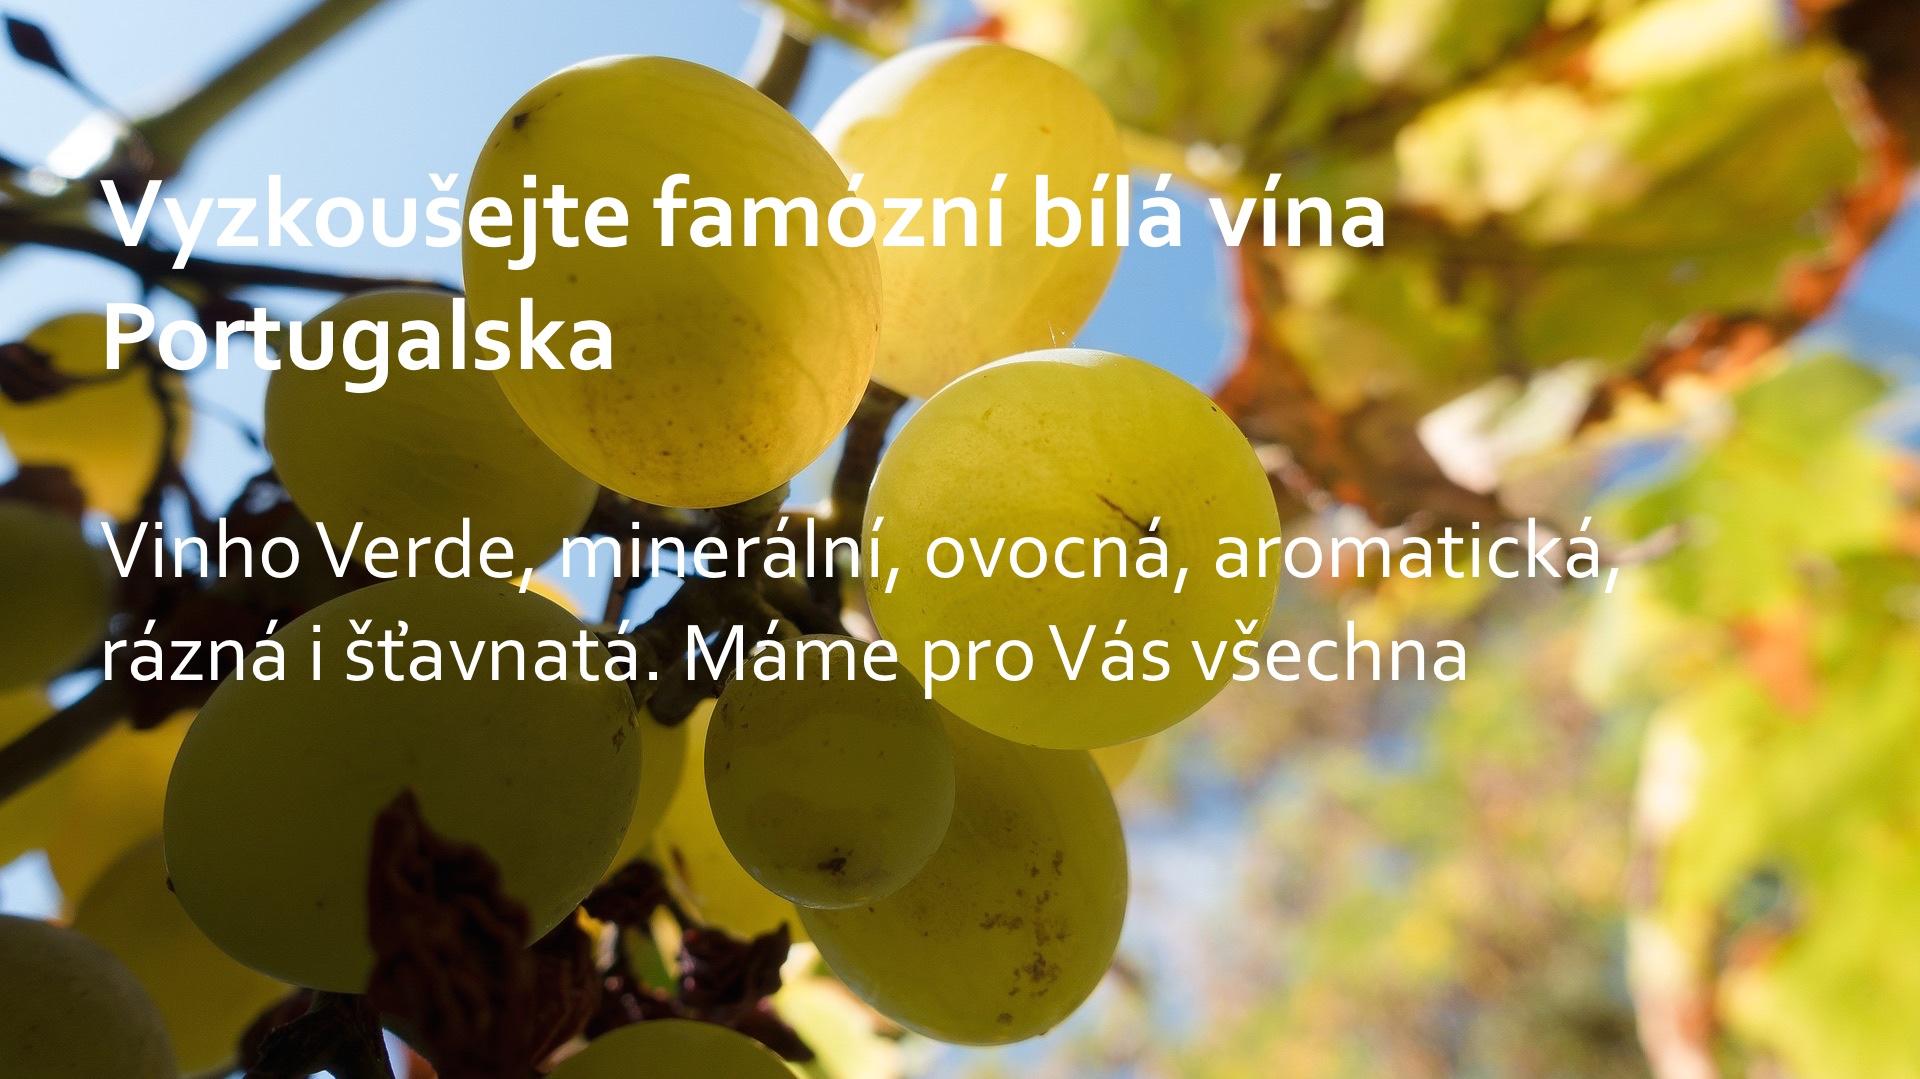 bila vina